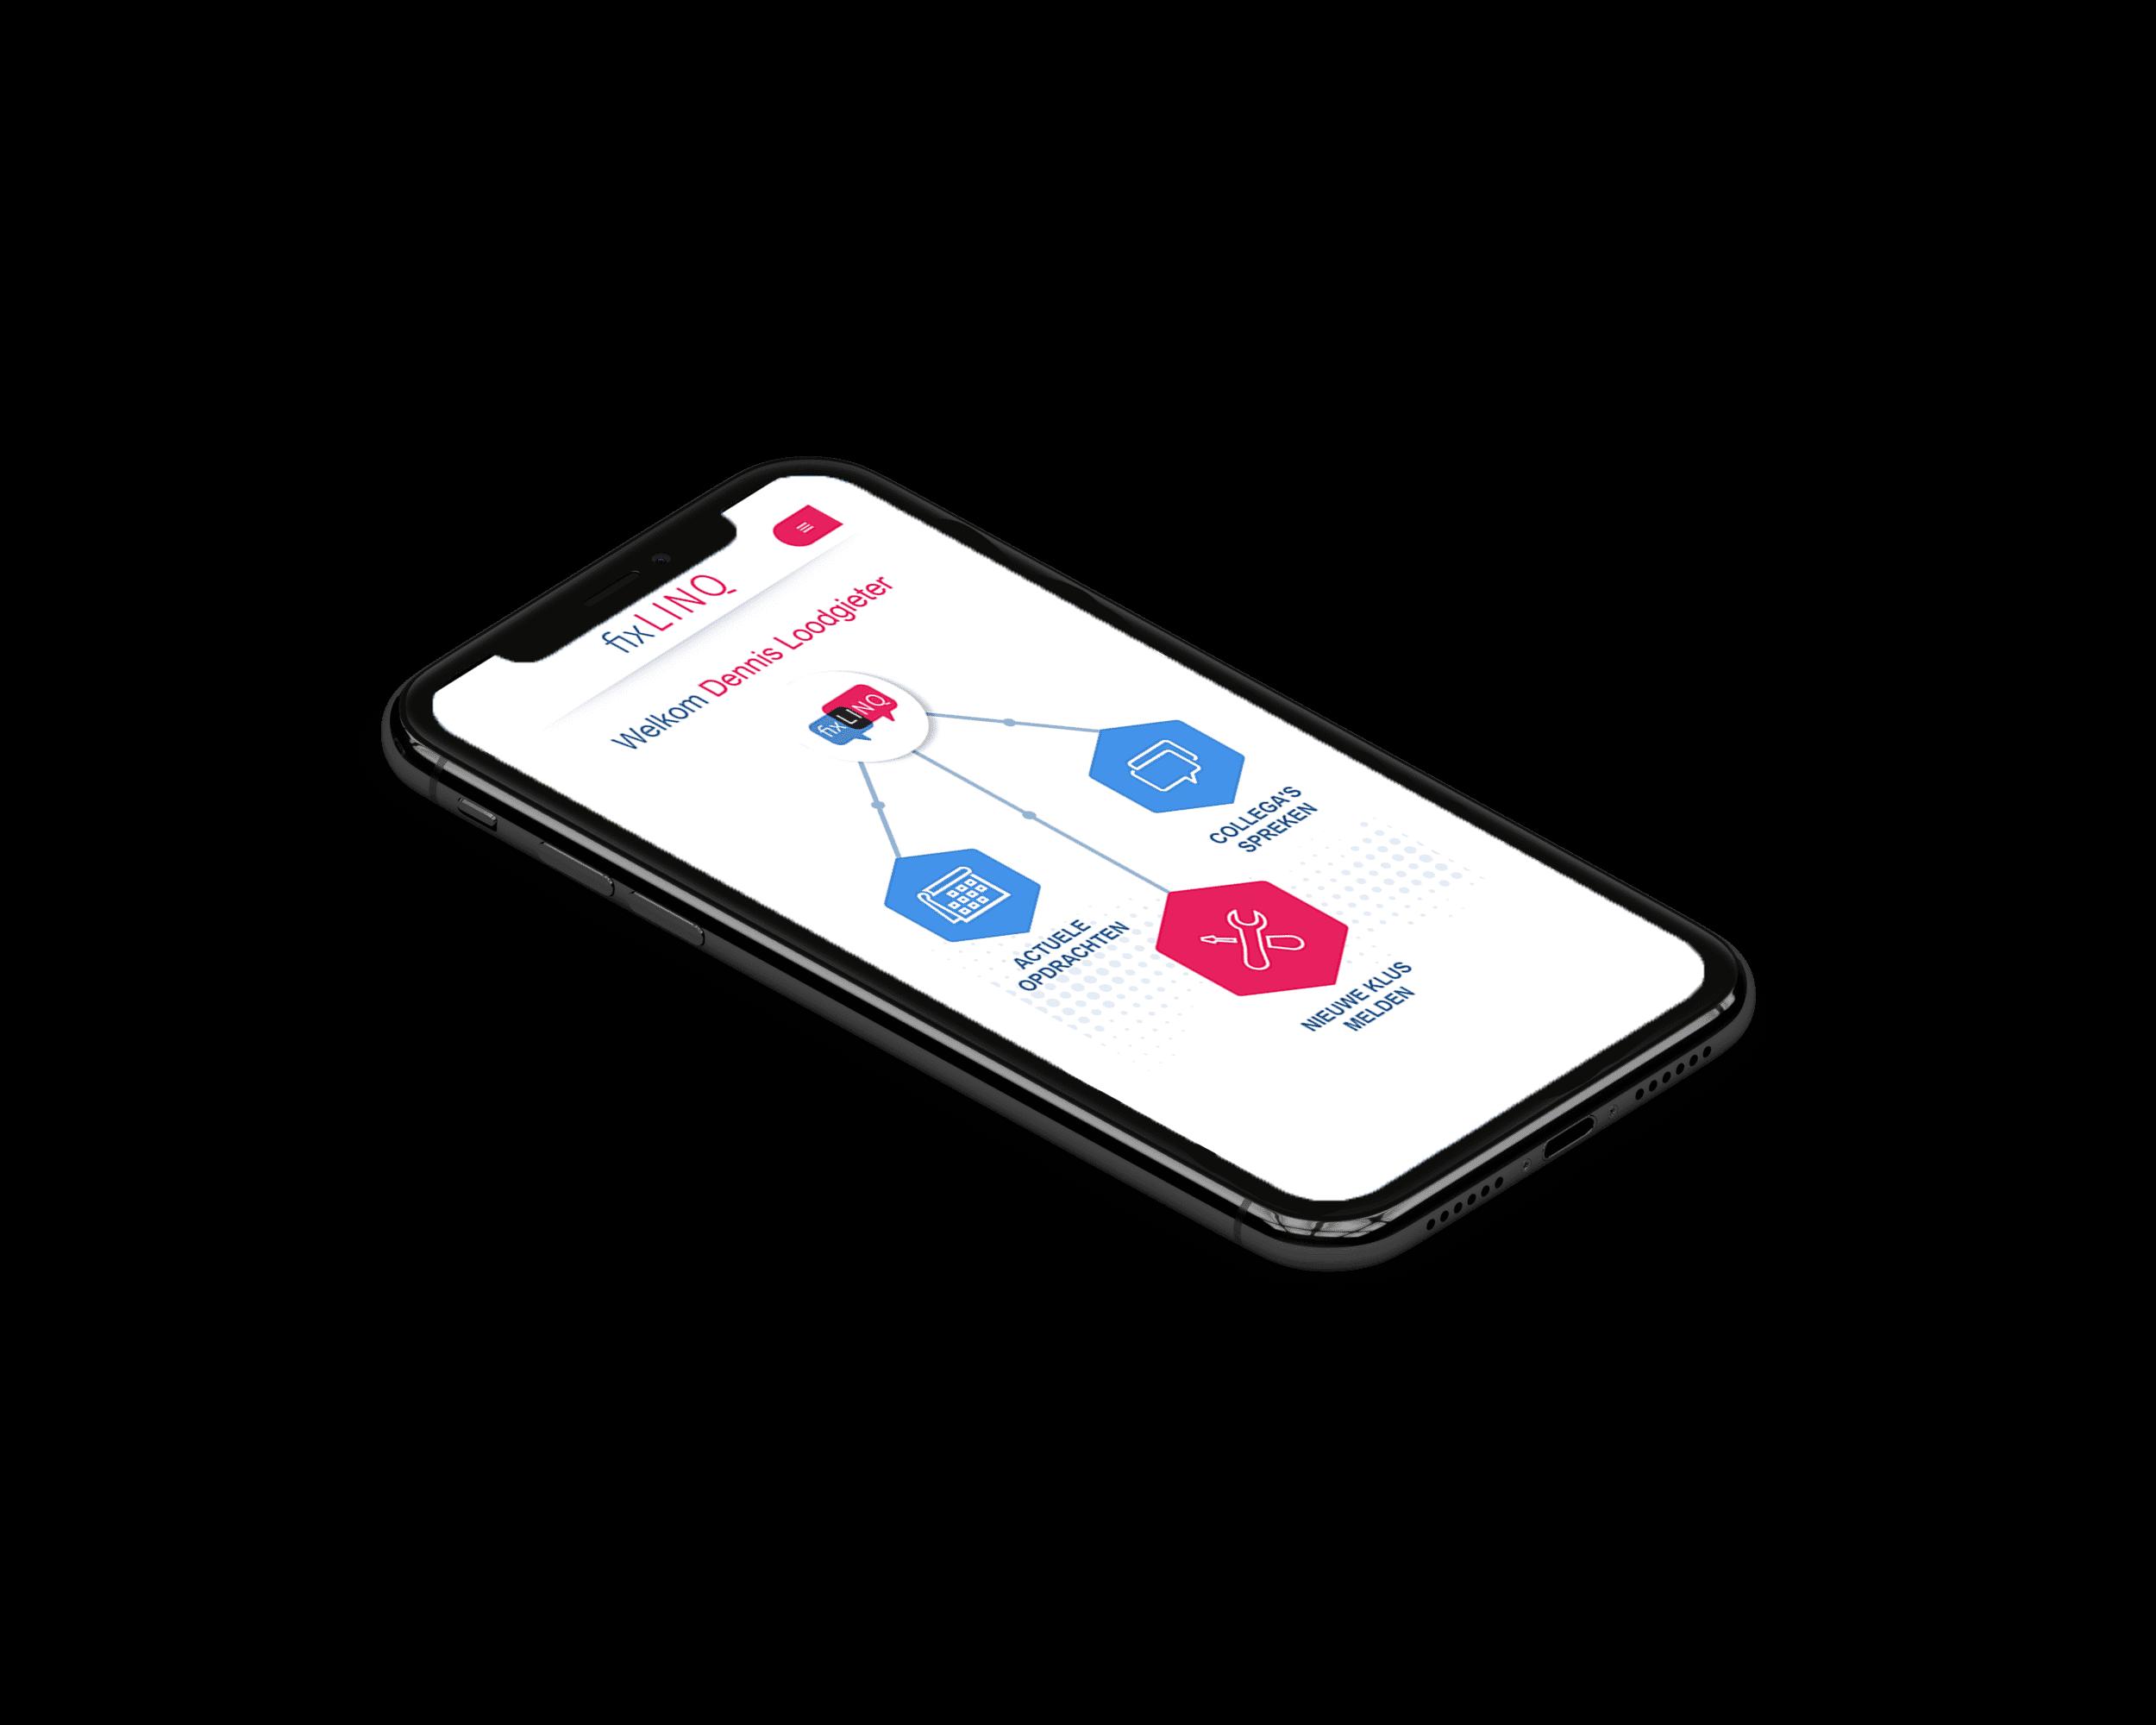 fixlinq crm app